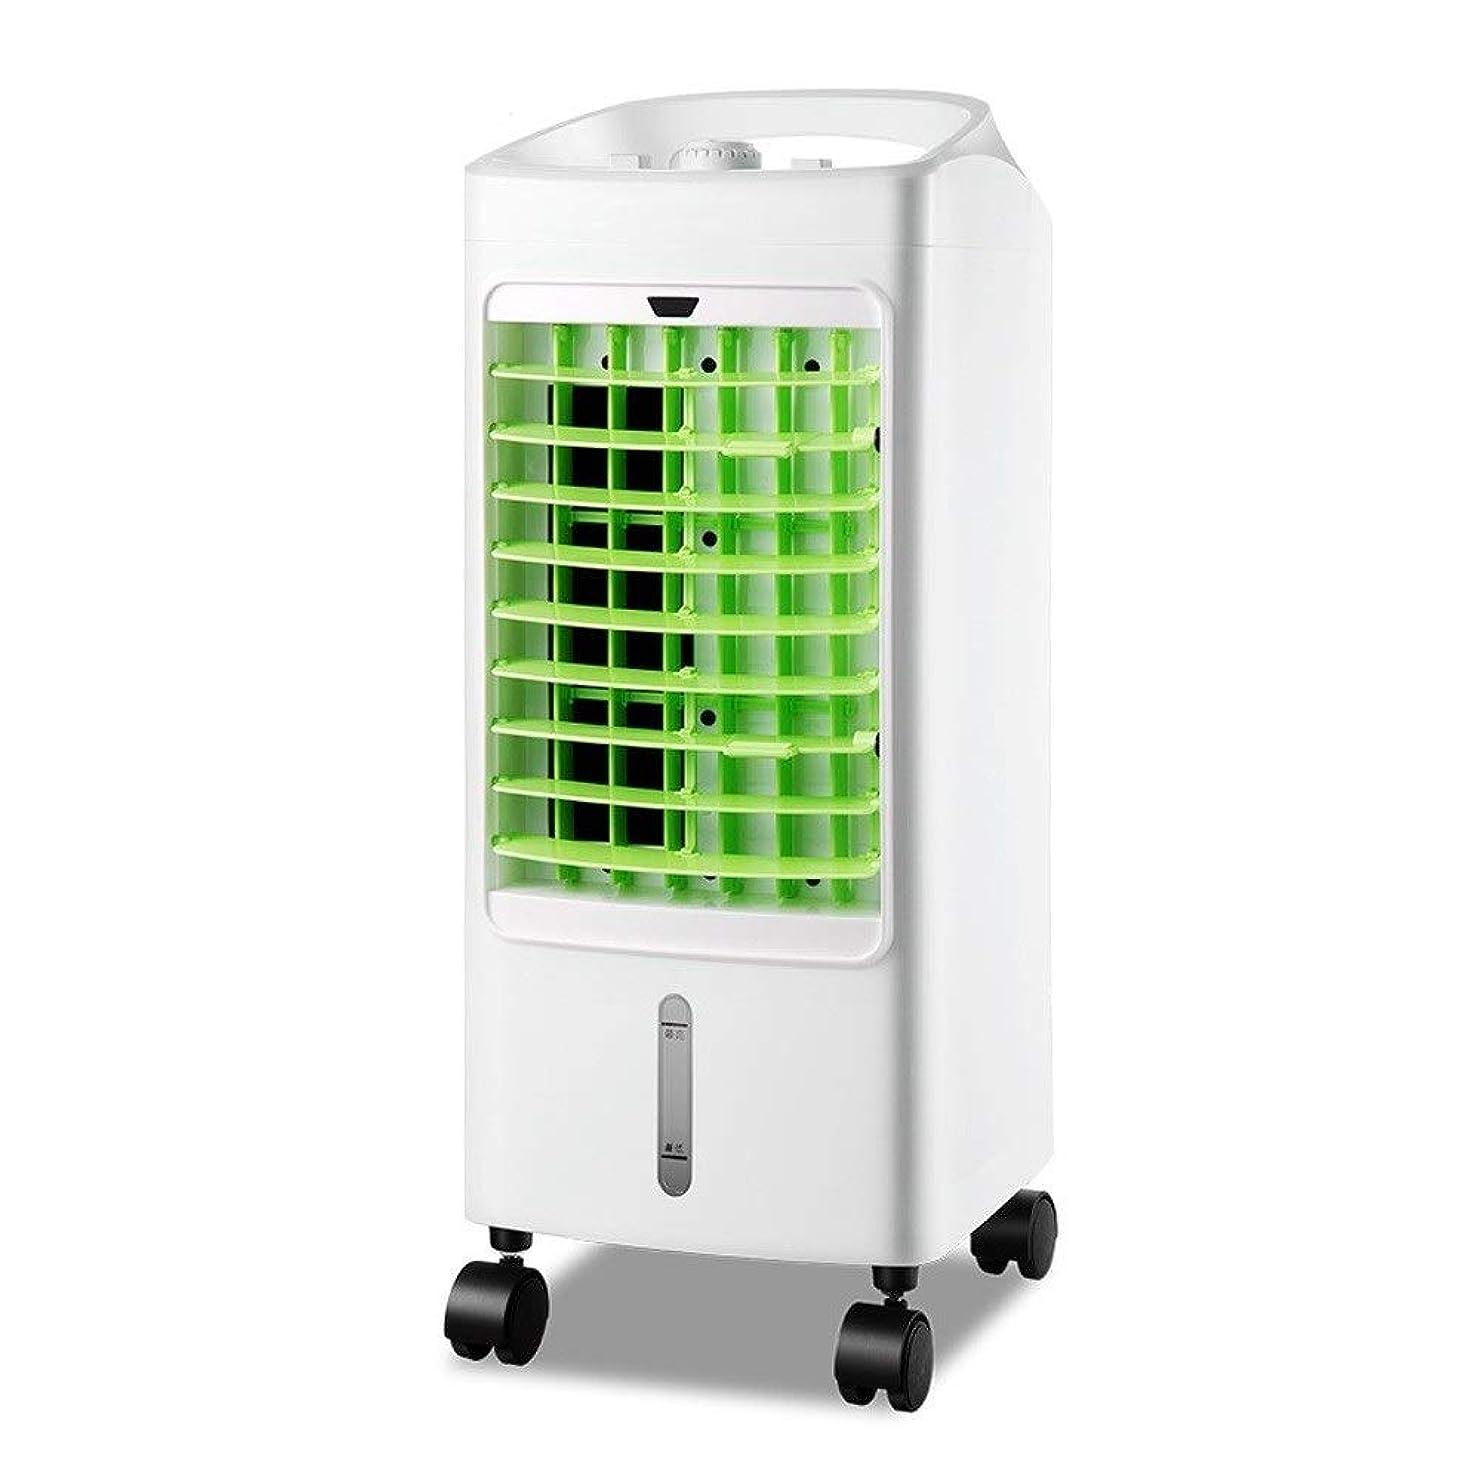 慣性ギャラリー修正LPD-冷風機 機械的に制御された単一の冷却された空気クーラーの携帯用蒸発冷却の冷たい空気加湿空気浄化